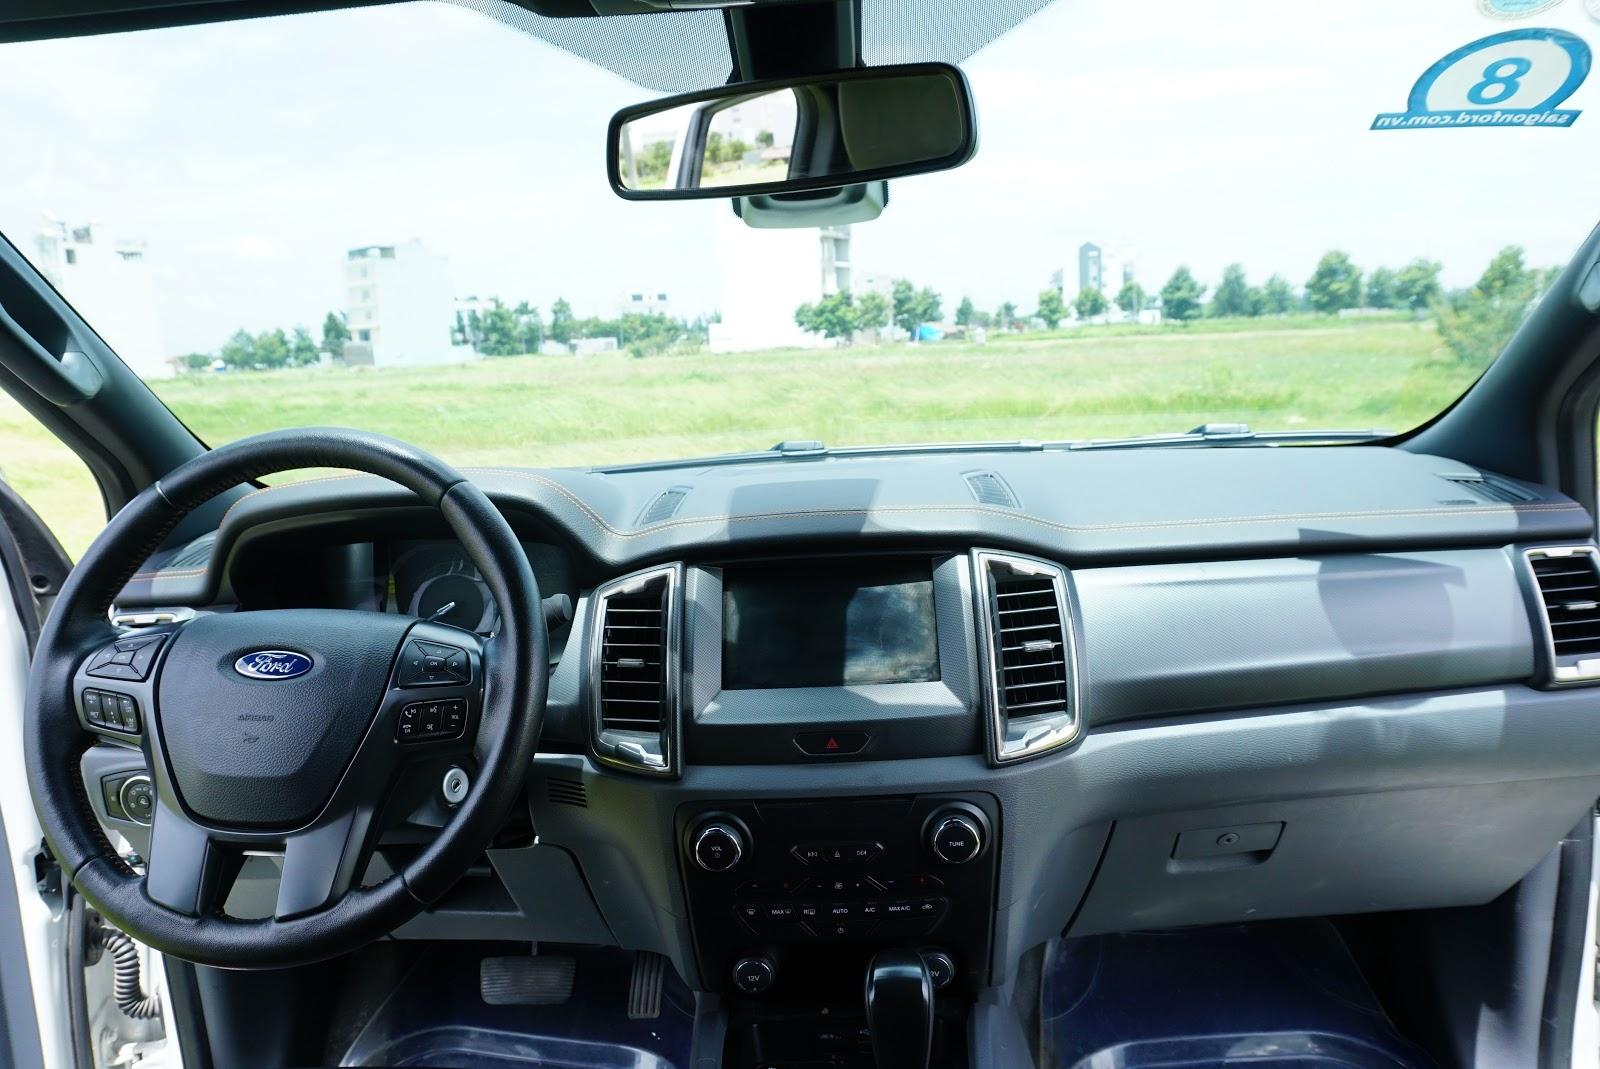 Quá nhiều tính năng tiện ích, thông minh, hỗ trợ an toàn trên chiếc xe này